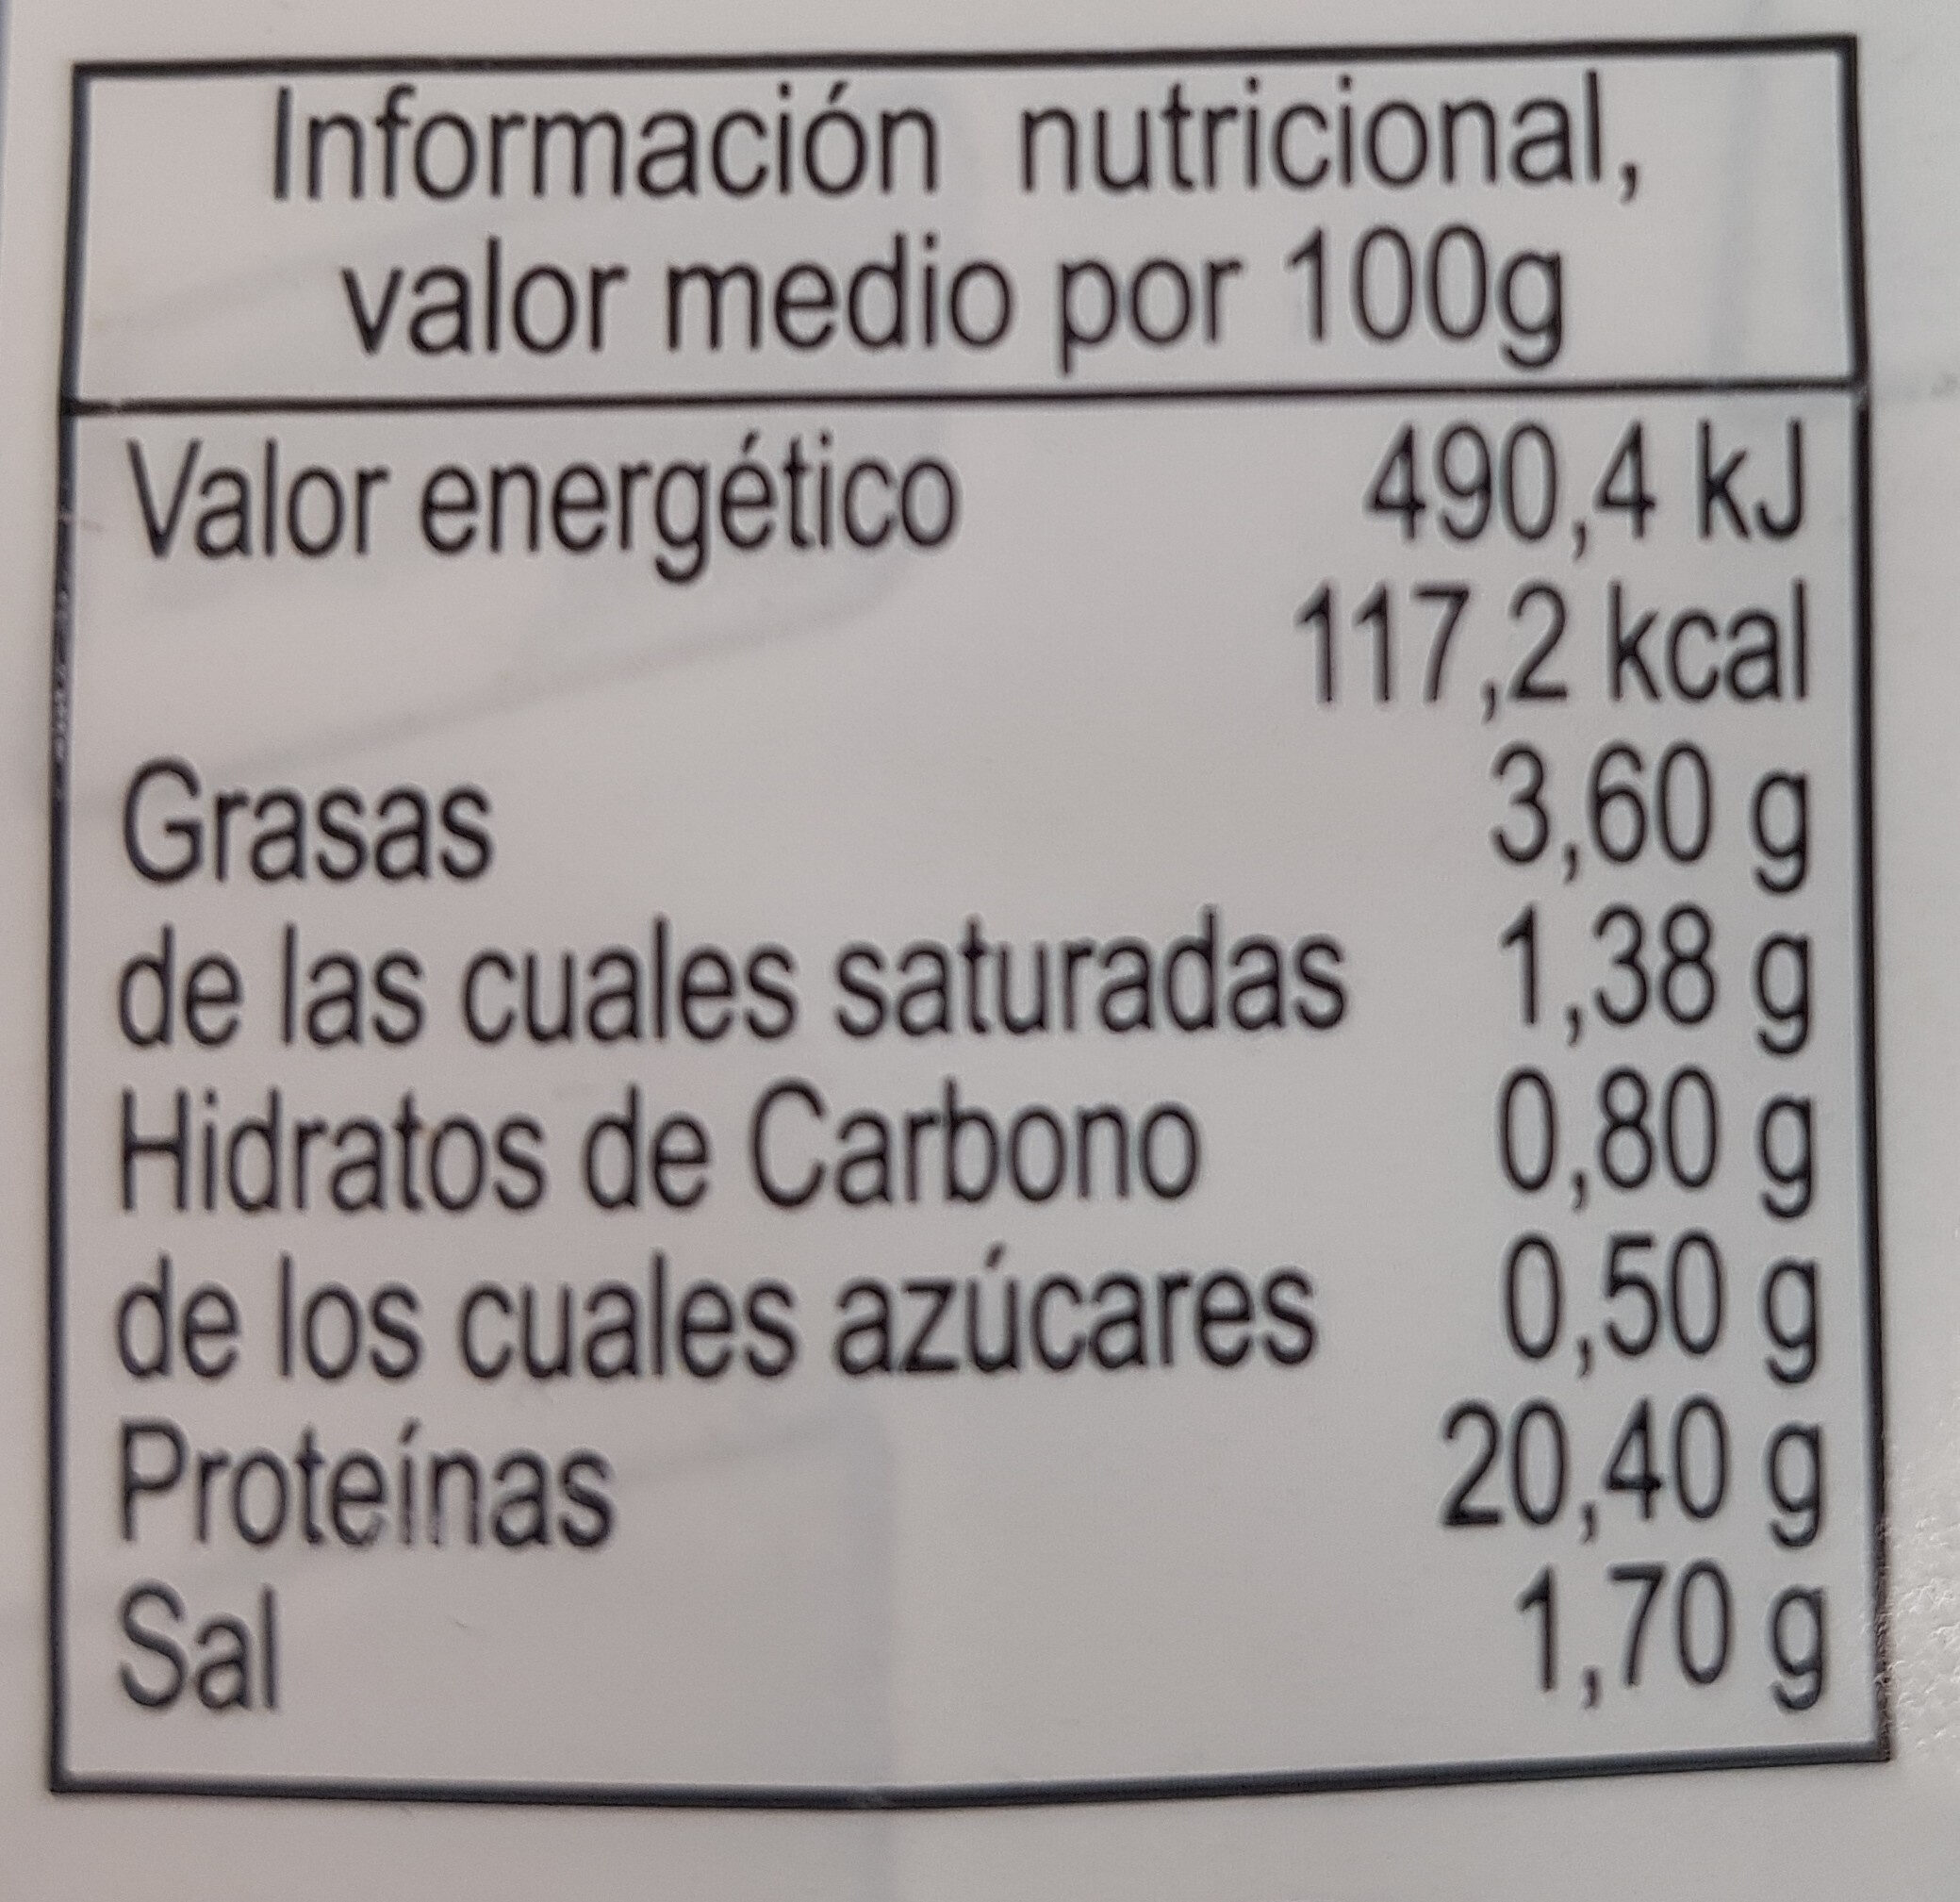 Lomo adobado familiar - Información nutricional - es